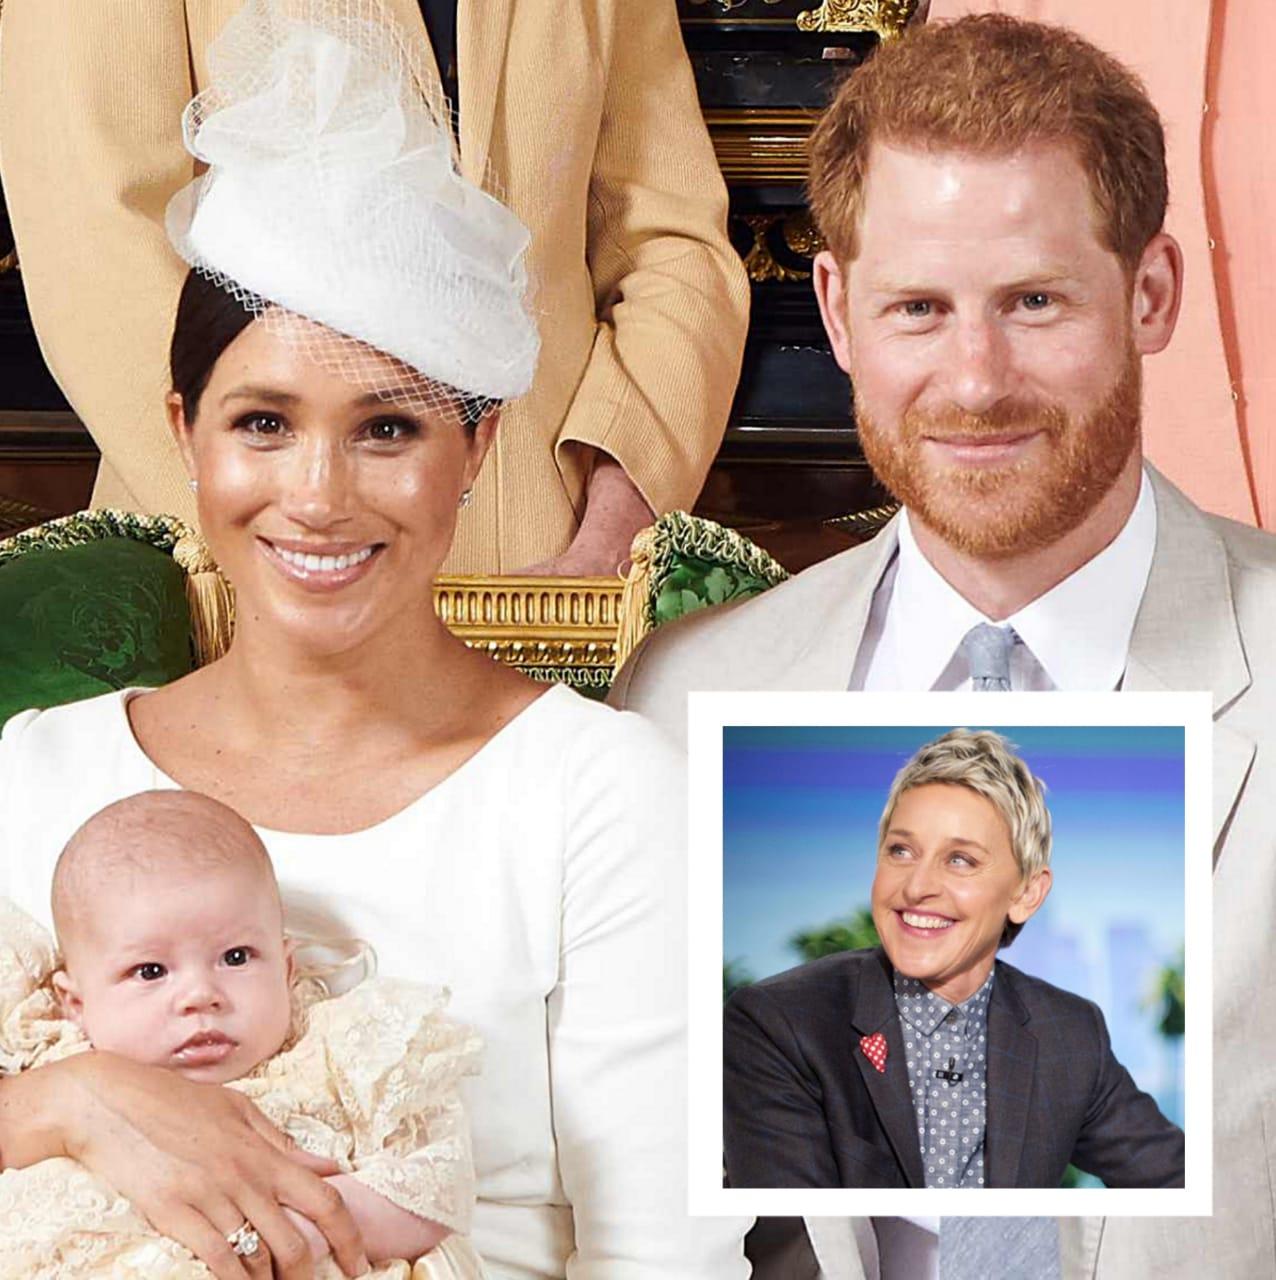 Ellen DeGeneres visita Meghan Markle e revela detalhe especial sobre a aparência do bebé real